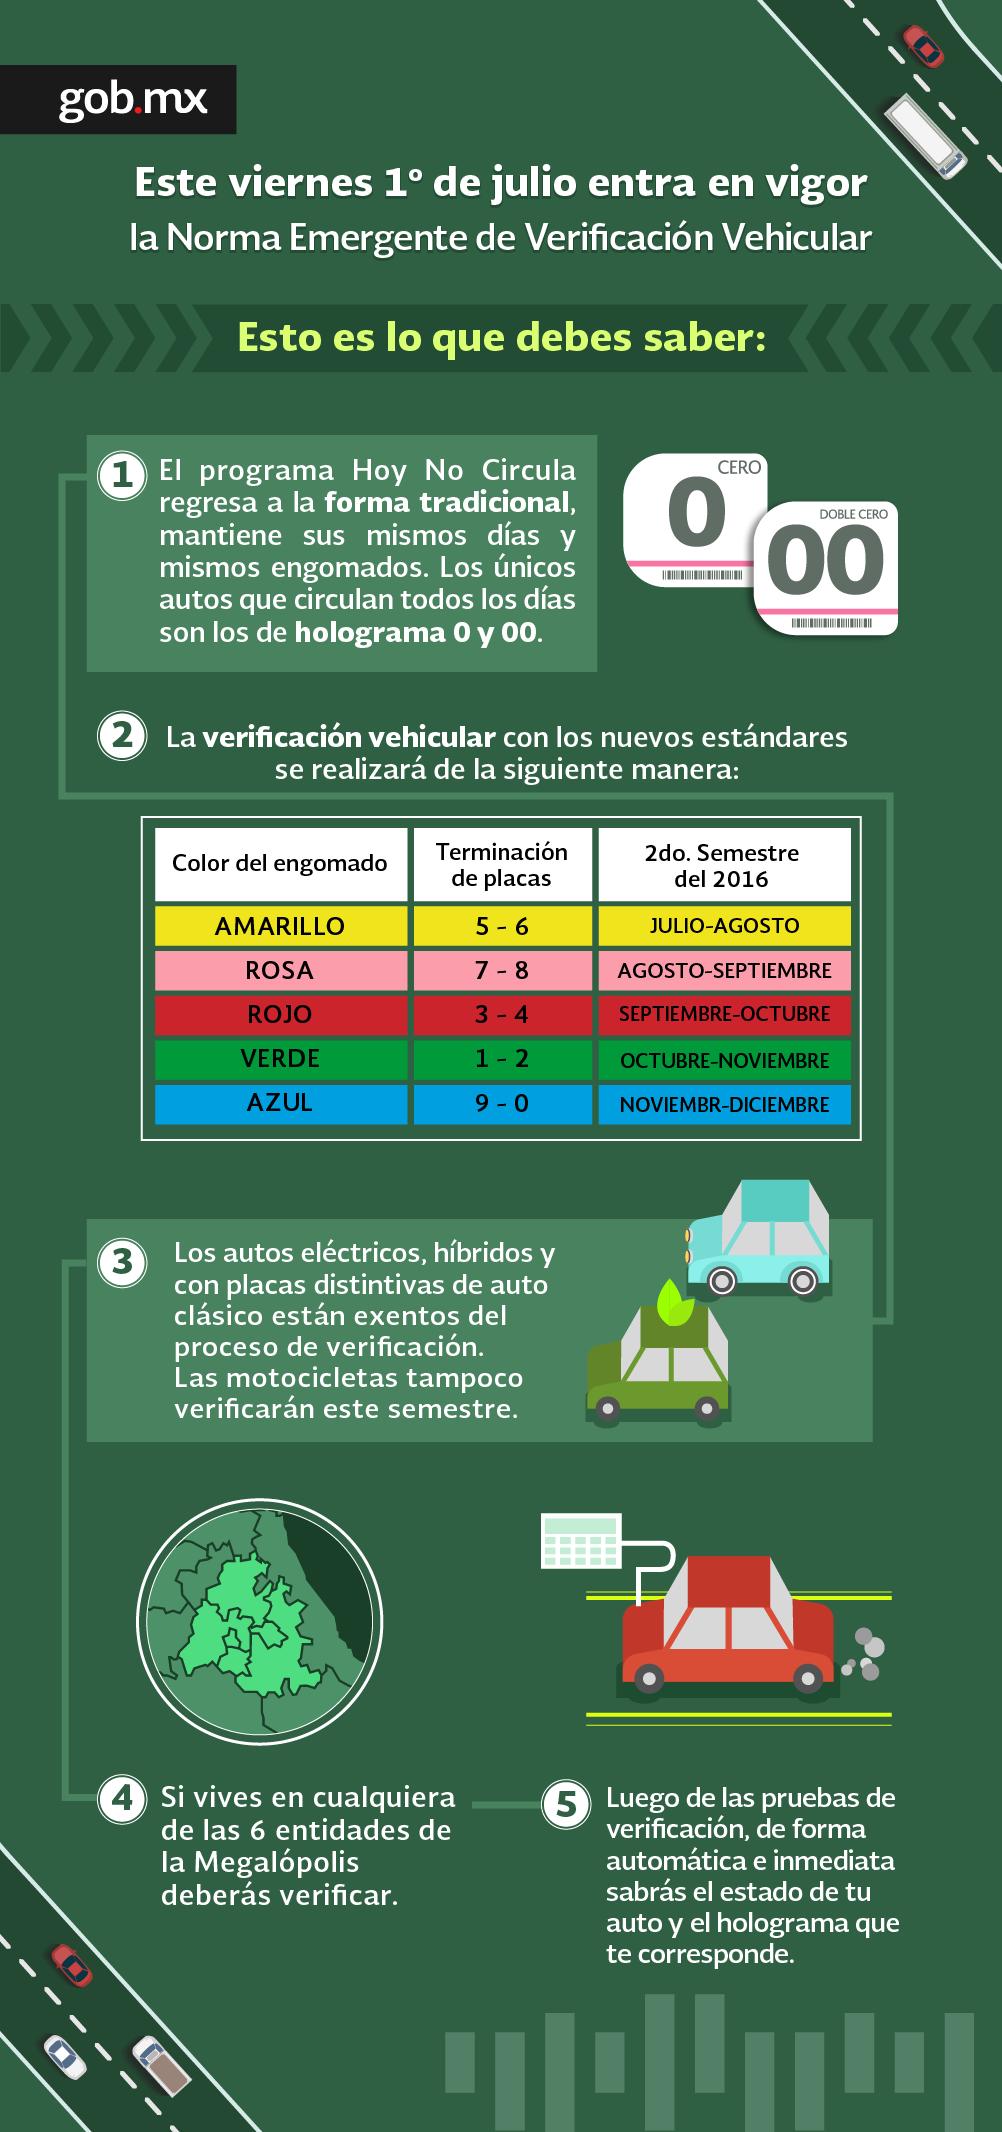 Calendario Verificación Vehicular 2018 - CalendarioLaboral.com.mx